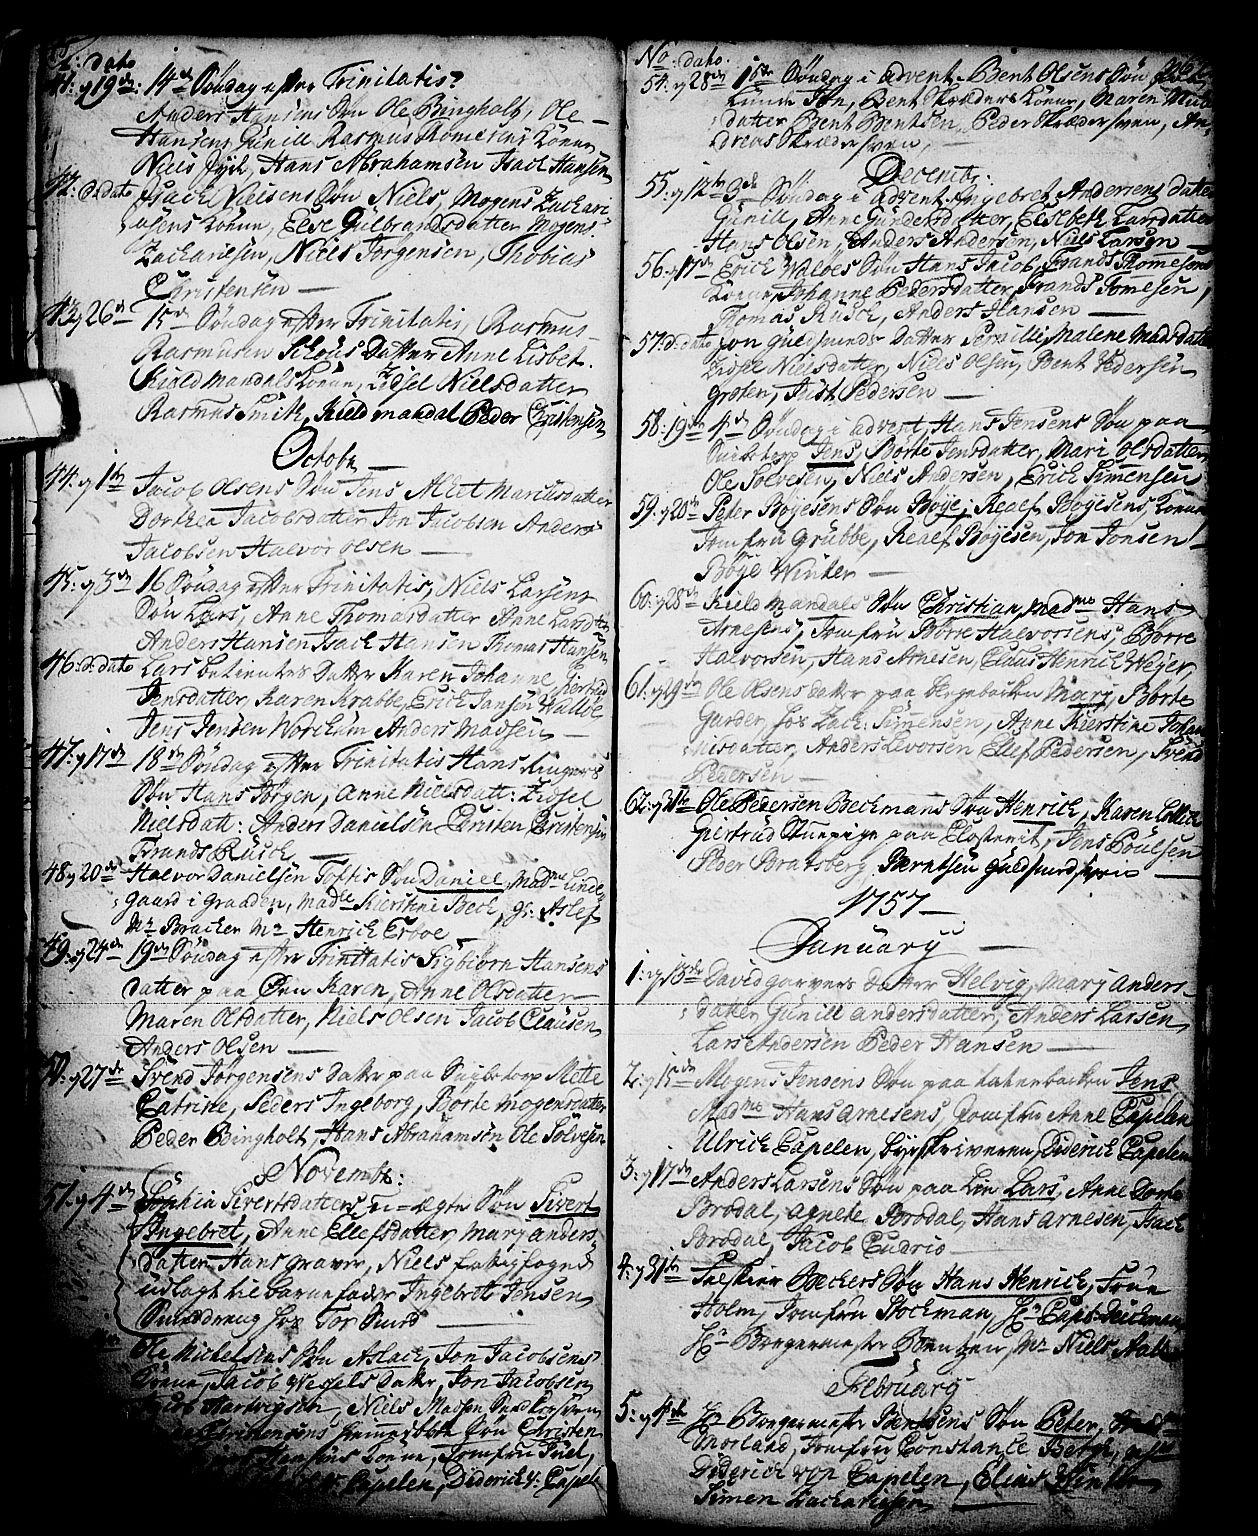 SAKO, Skien kirkebøker, G/Ga/L0001: Klokkerbok nr. 1, 1756-1791, s. 62